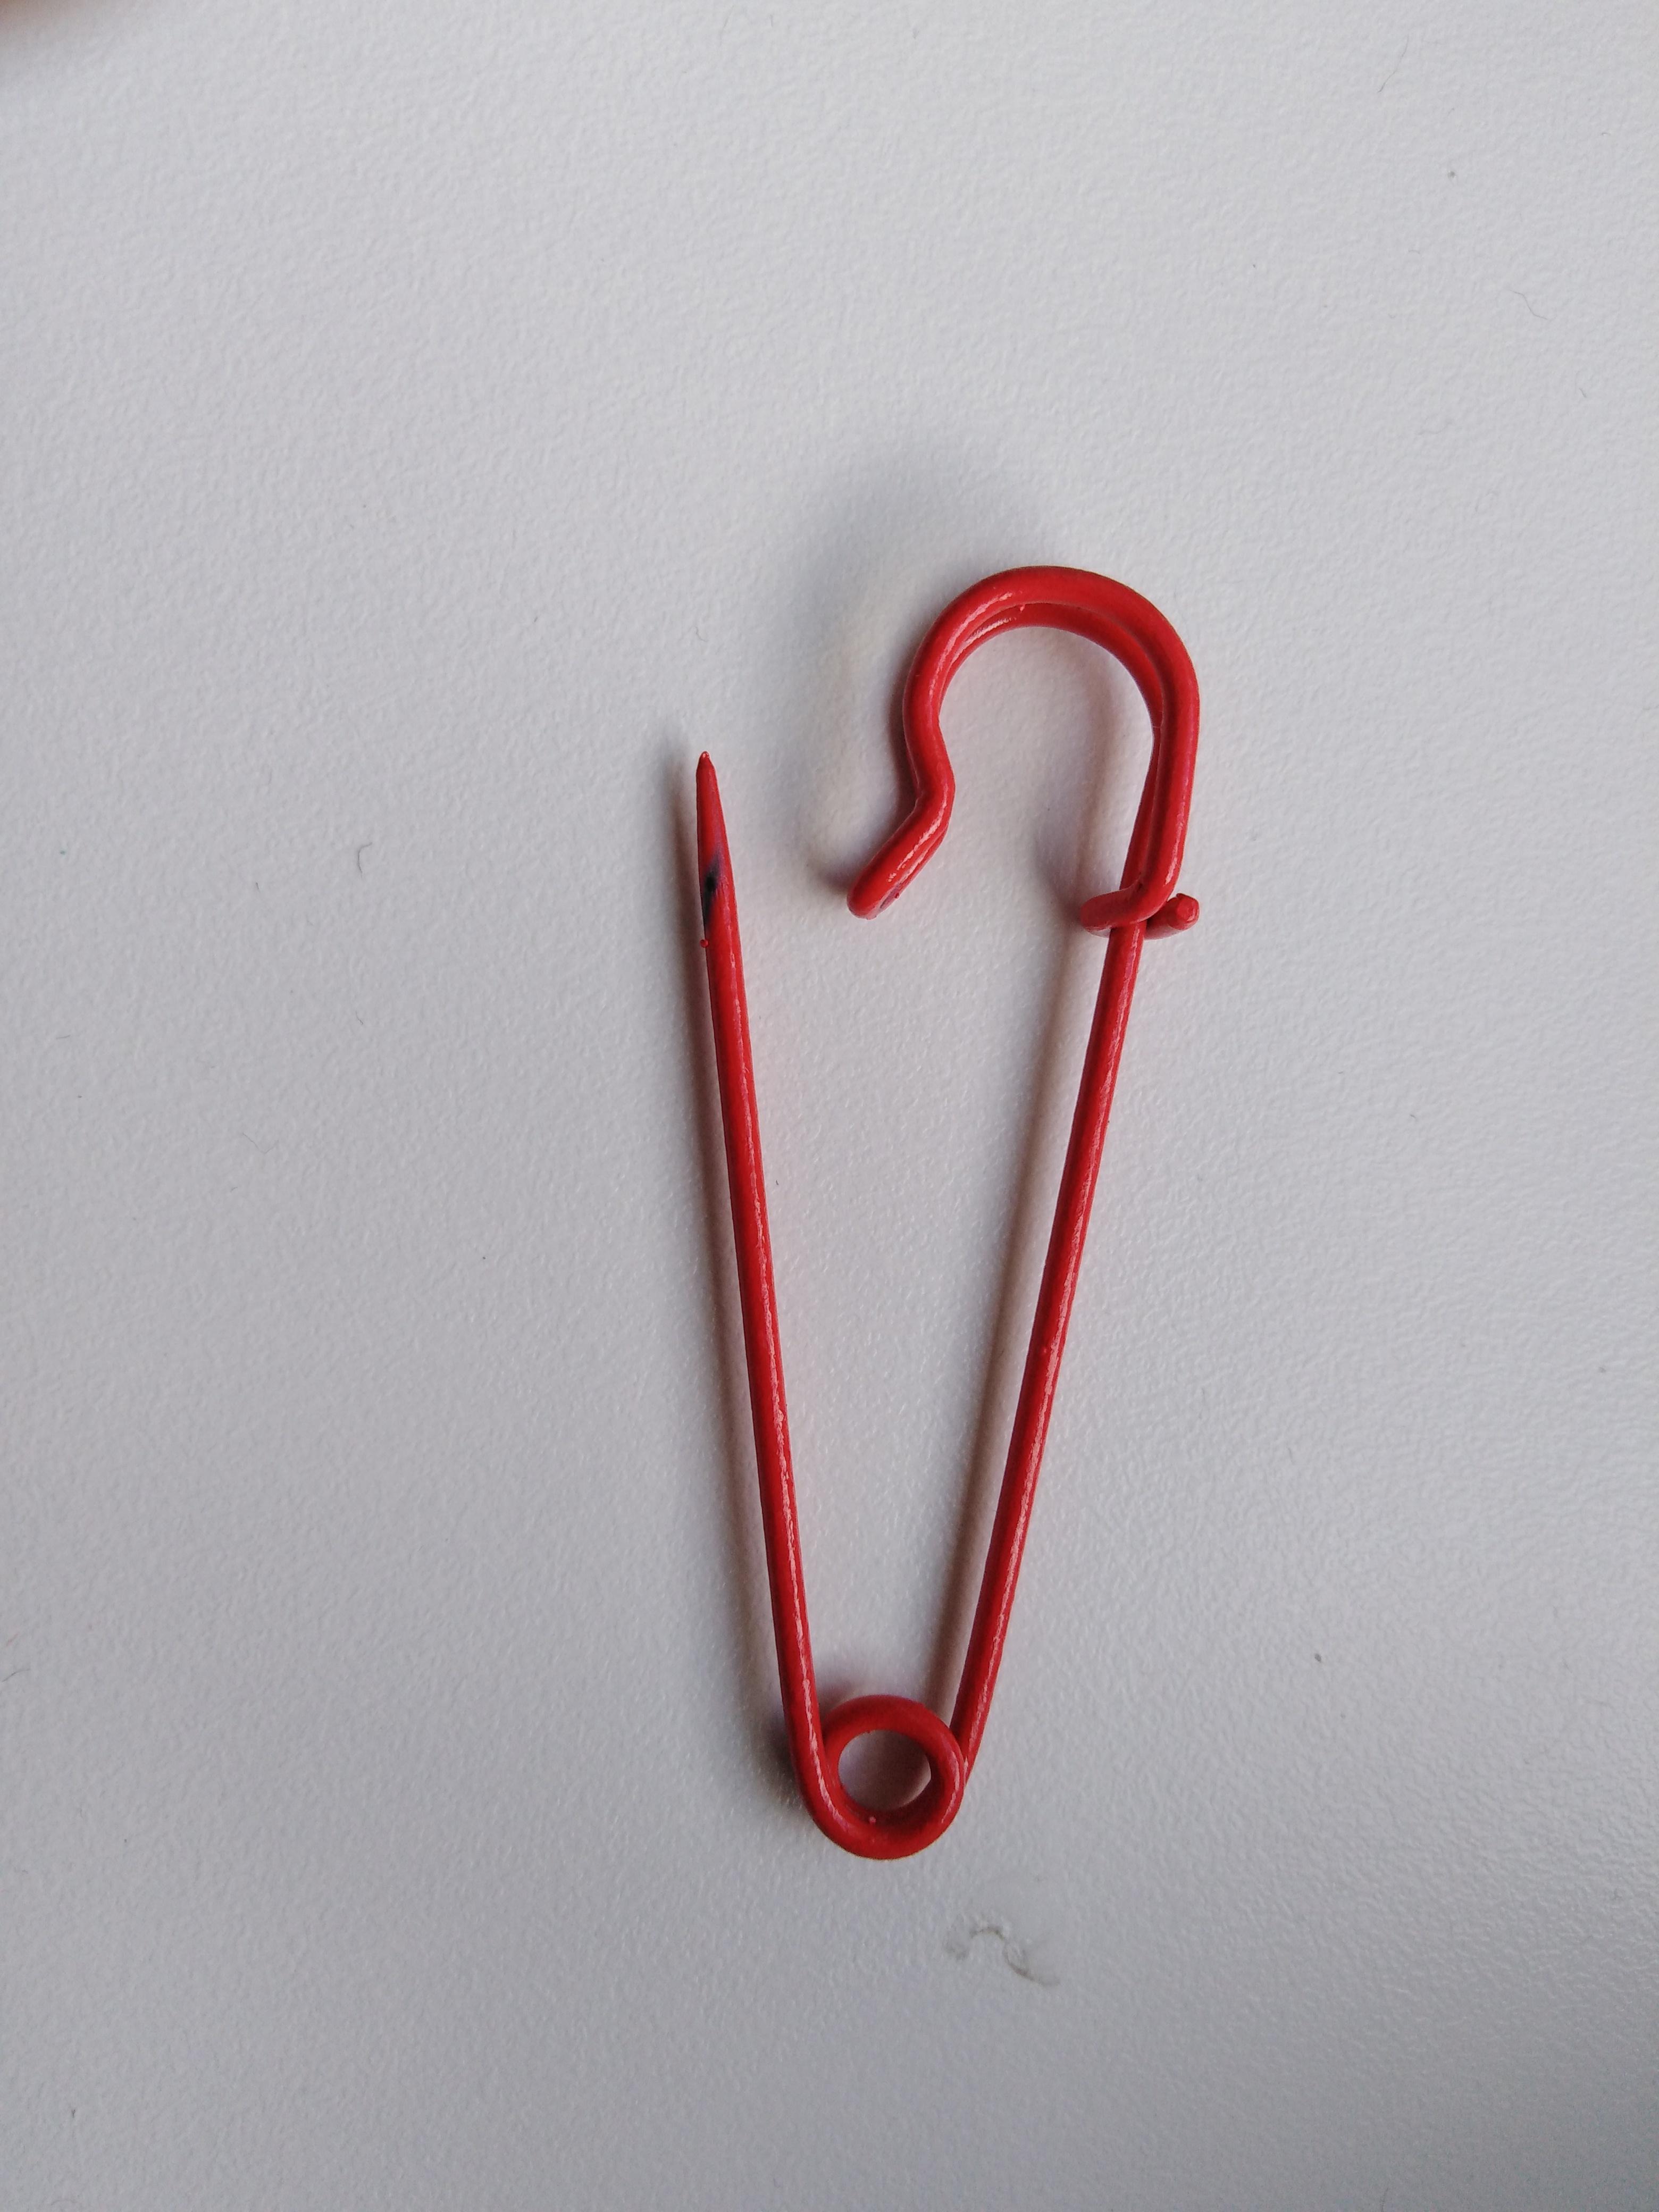 Špendlík zavírací Kilt 70 mm červený